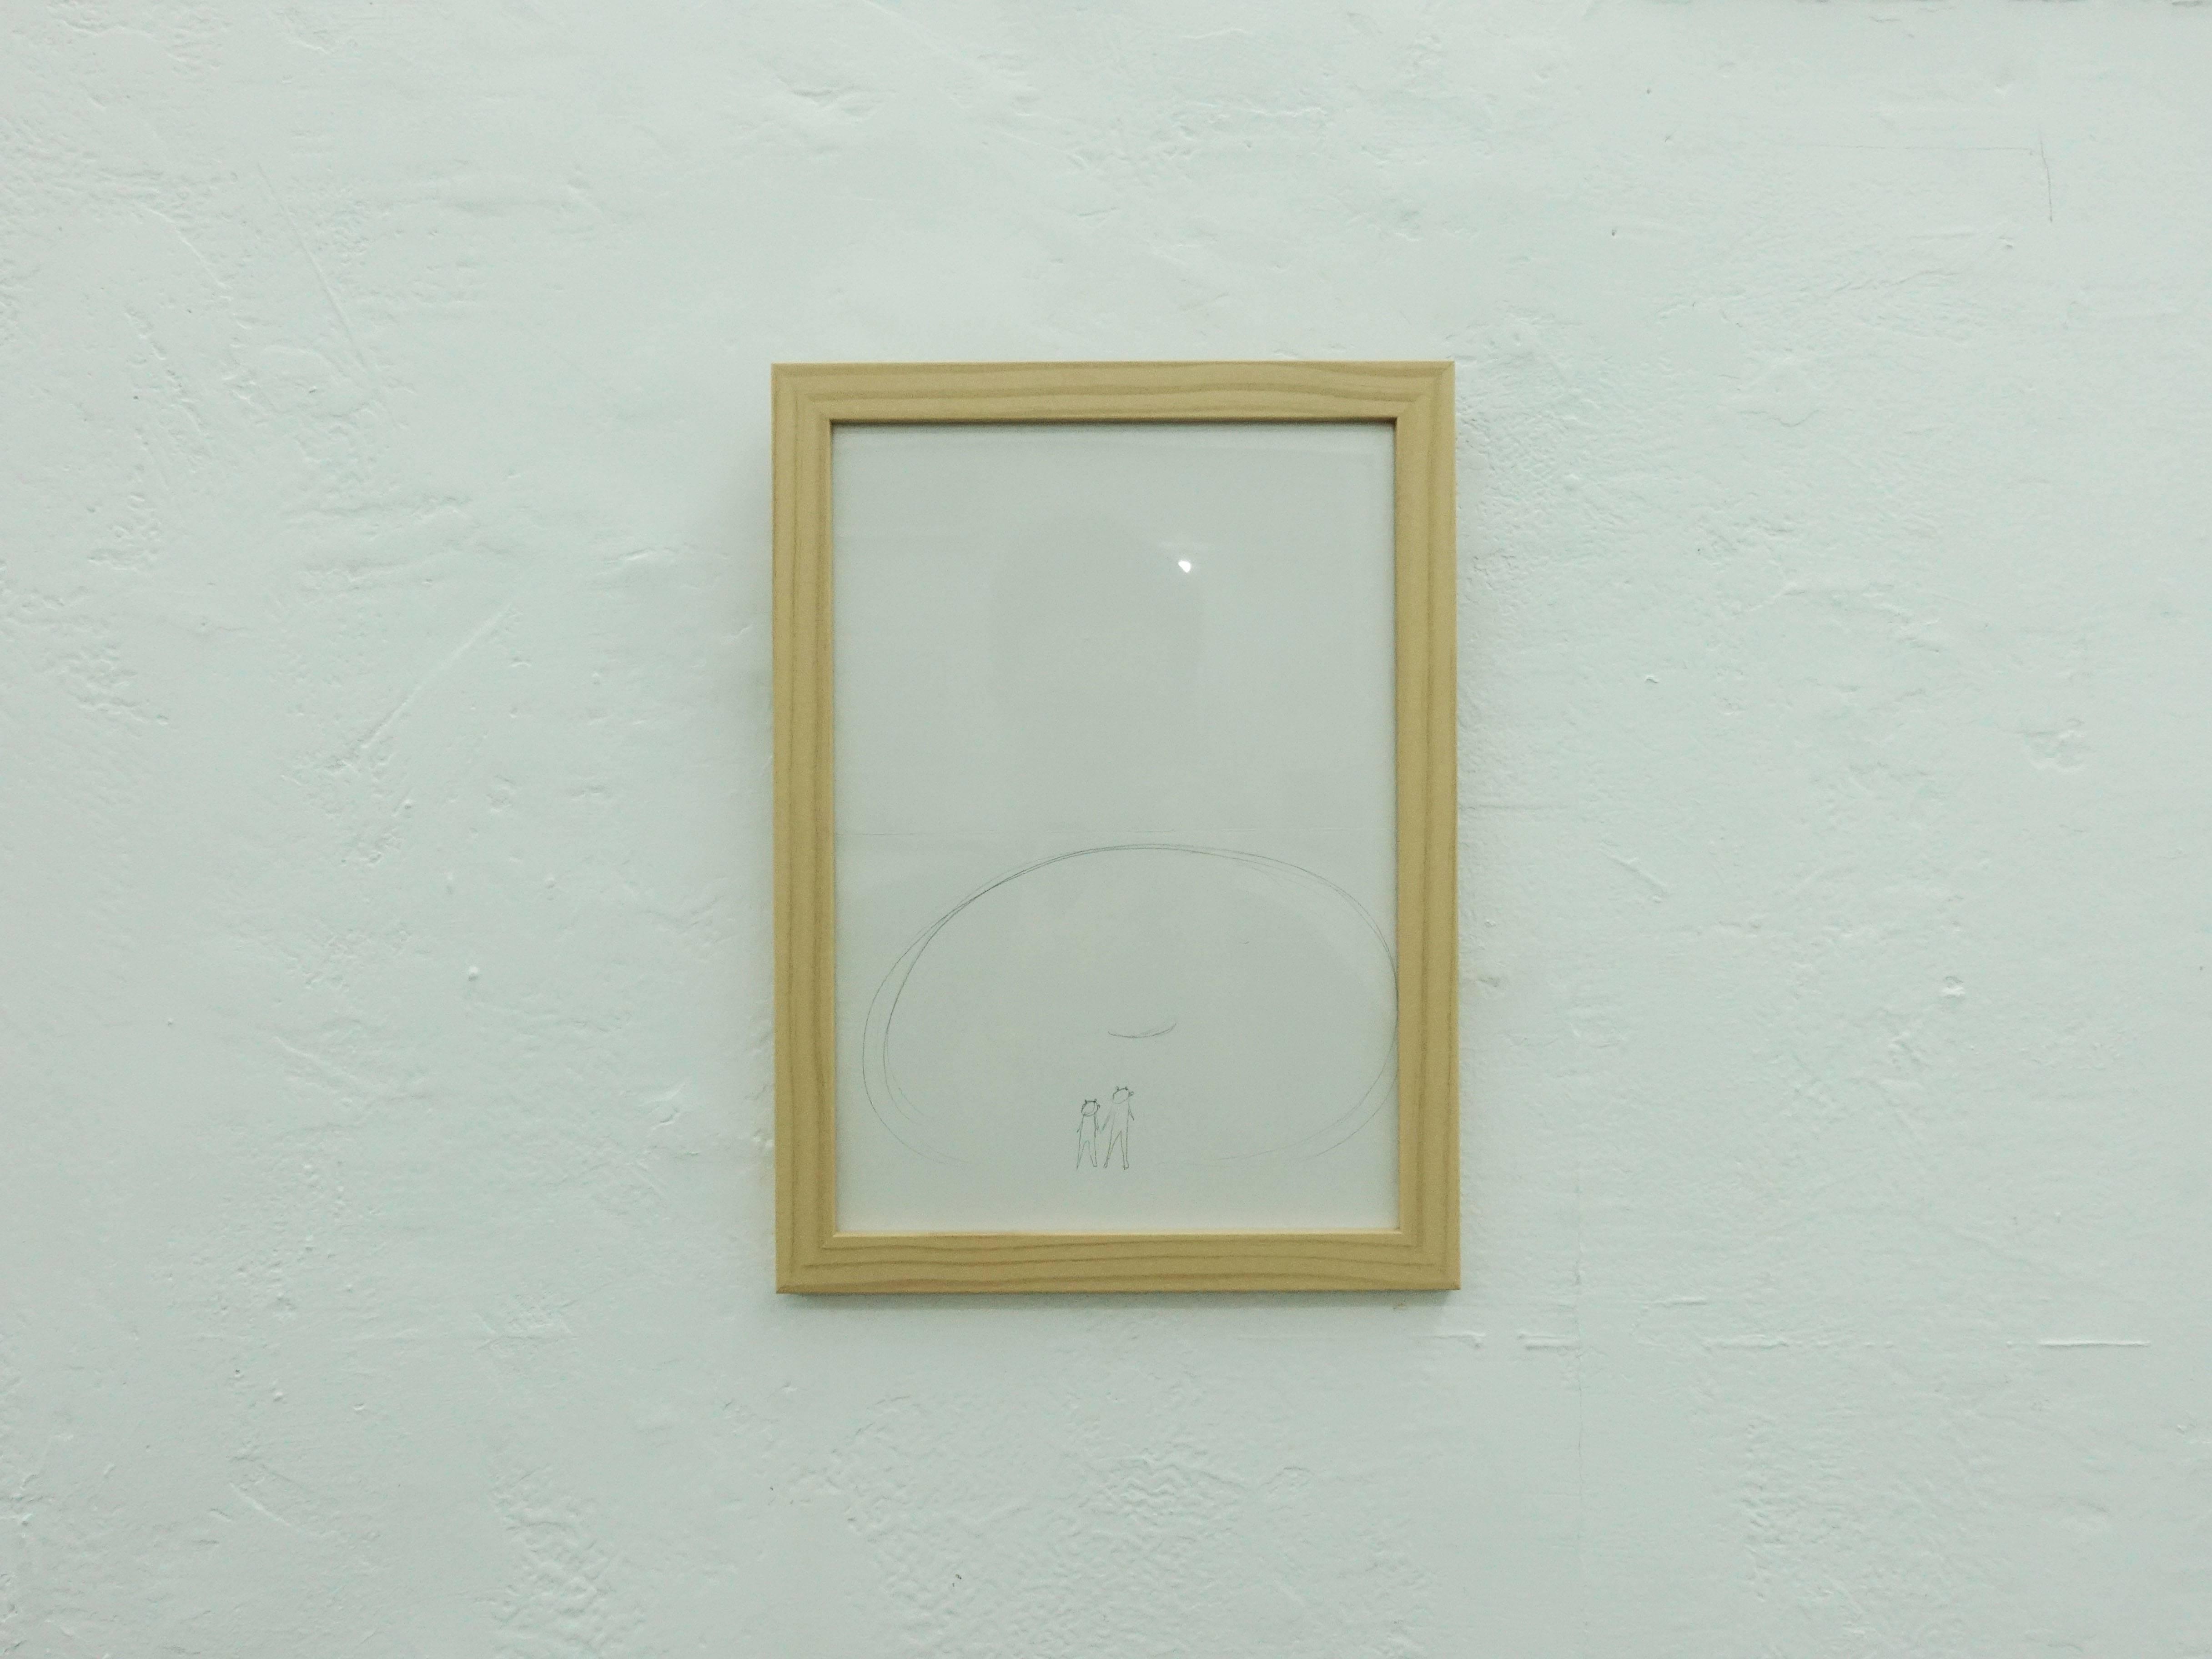 王德瑜,《No.97 草圖》,24.3x29.9cm,素描,2019。